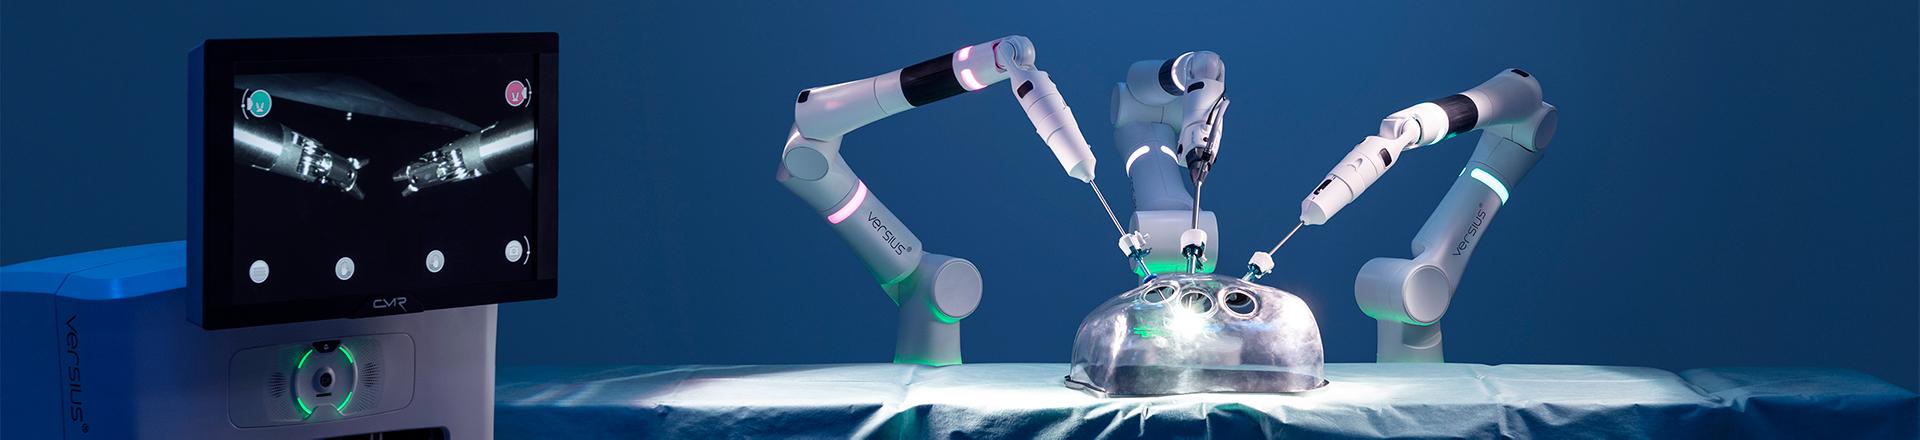 wp-band-image-robotic-surgery-1920×440-2019-03-19